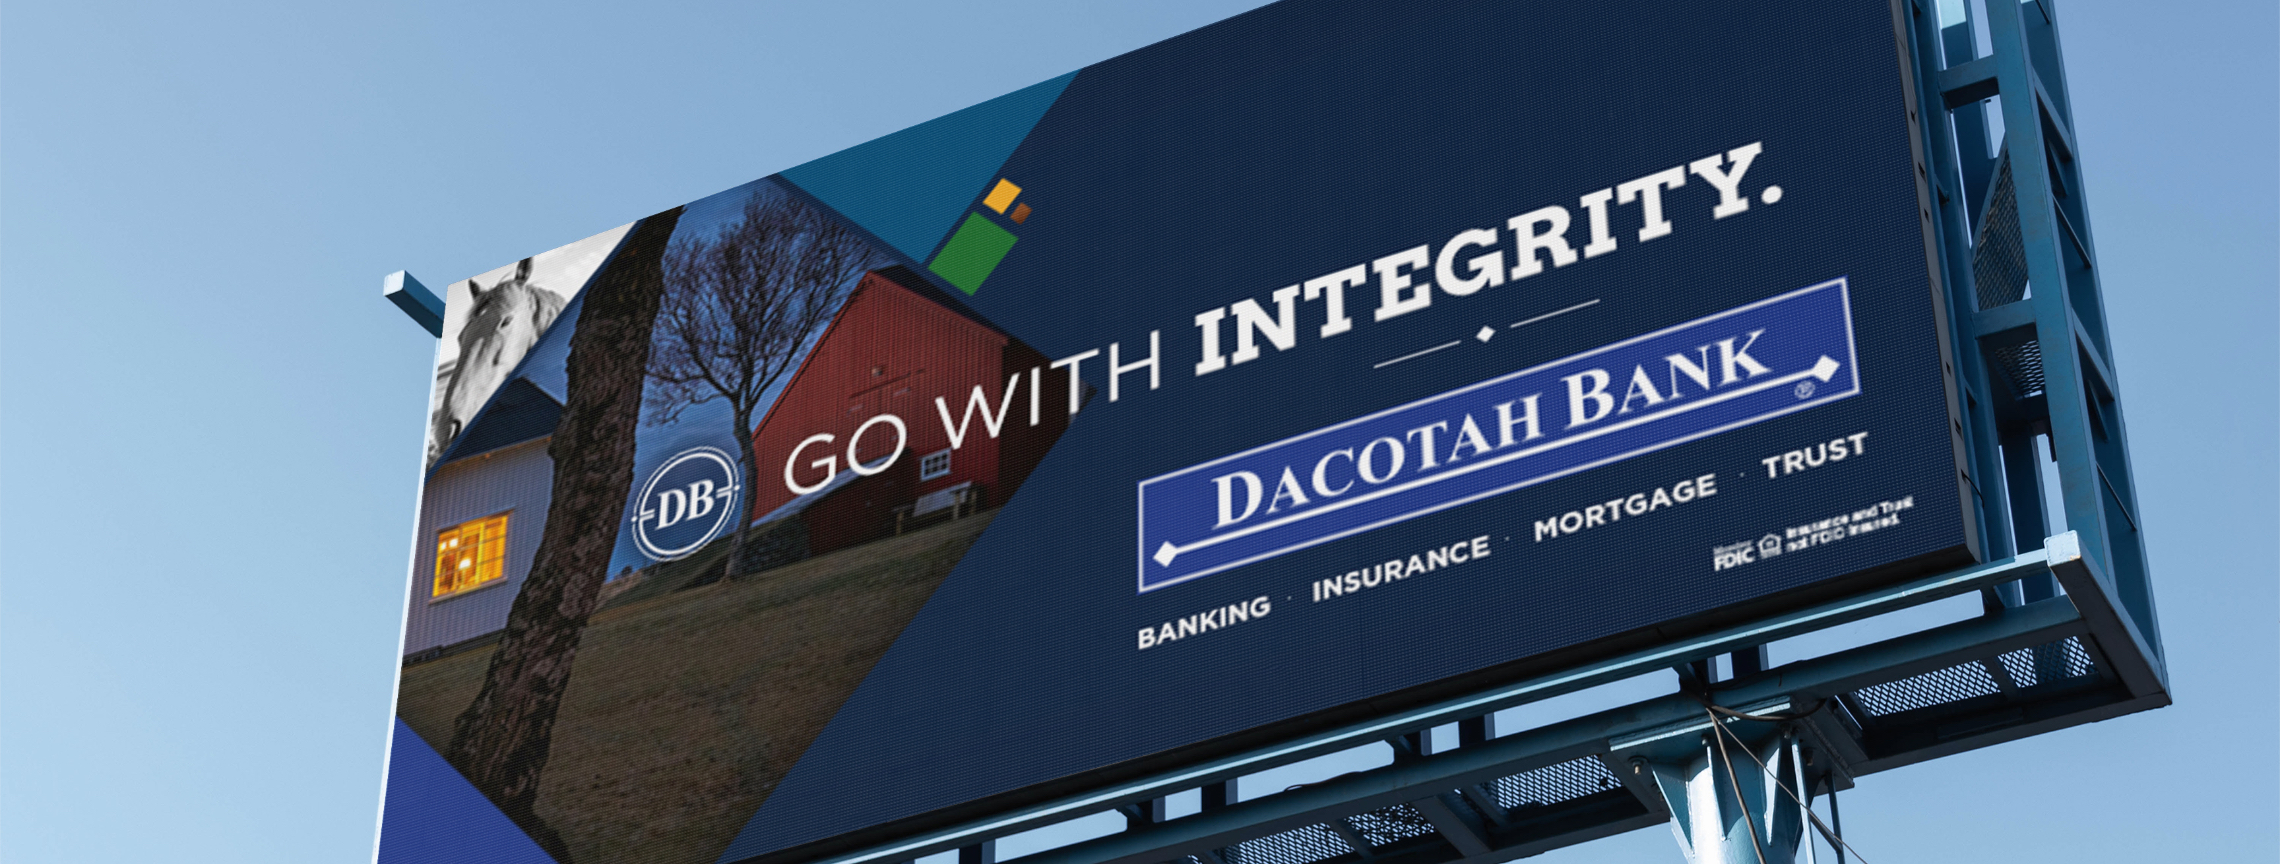 DakotaBank_Go With Integrity_2